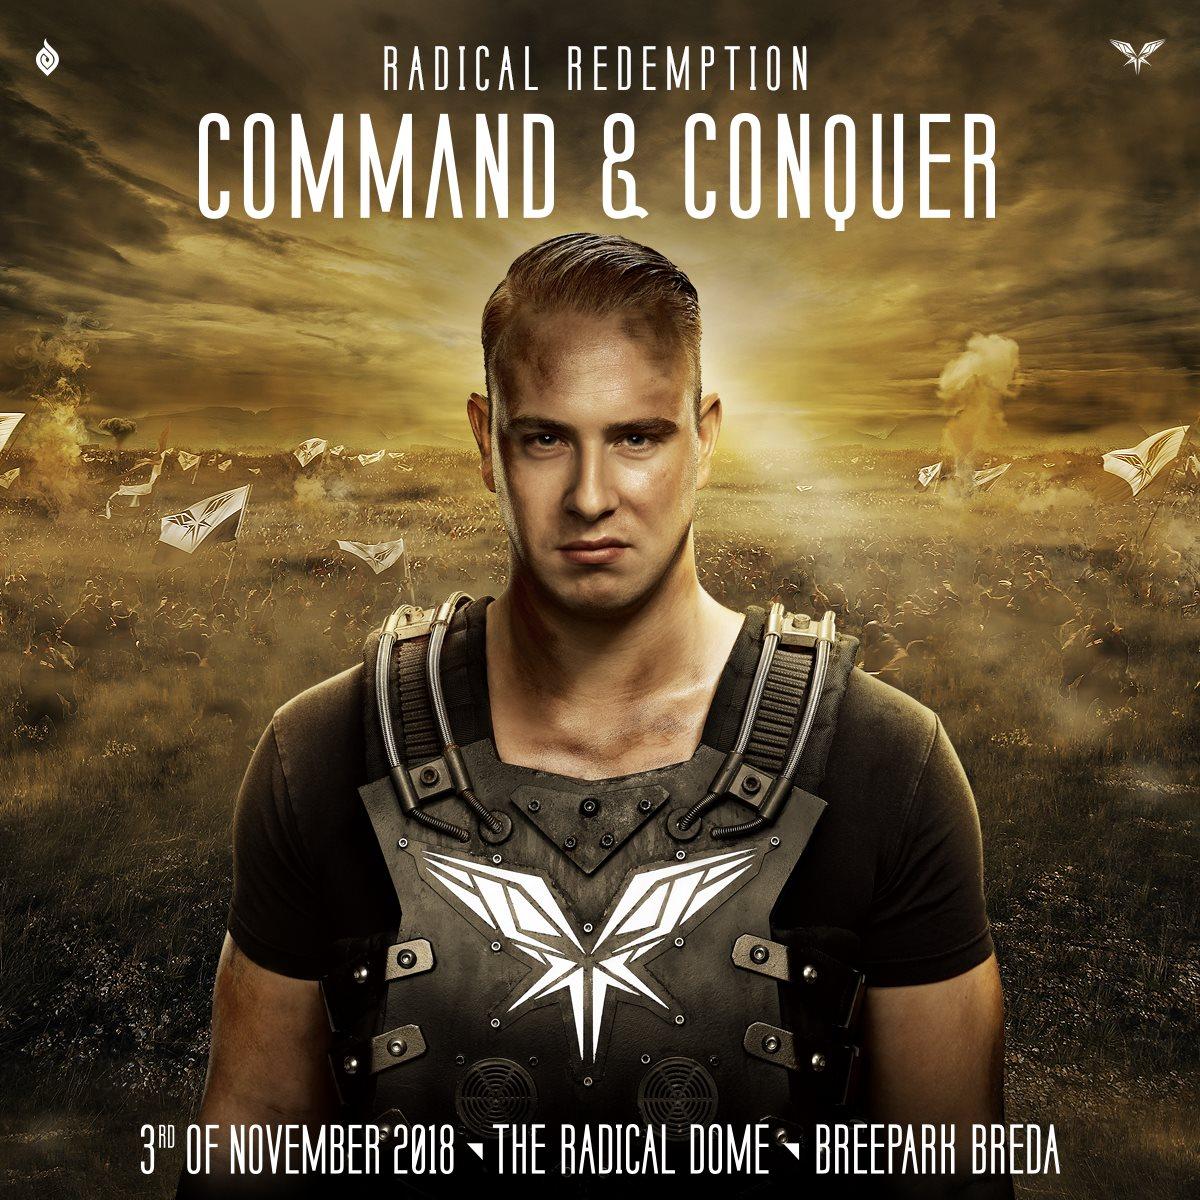 """Radical Redemption presenta """"Command & Conquer"""", su quinto álbum de estudio"""